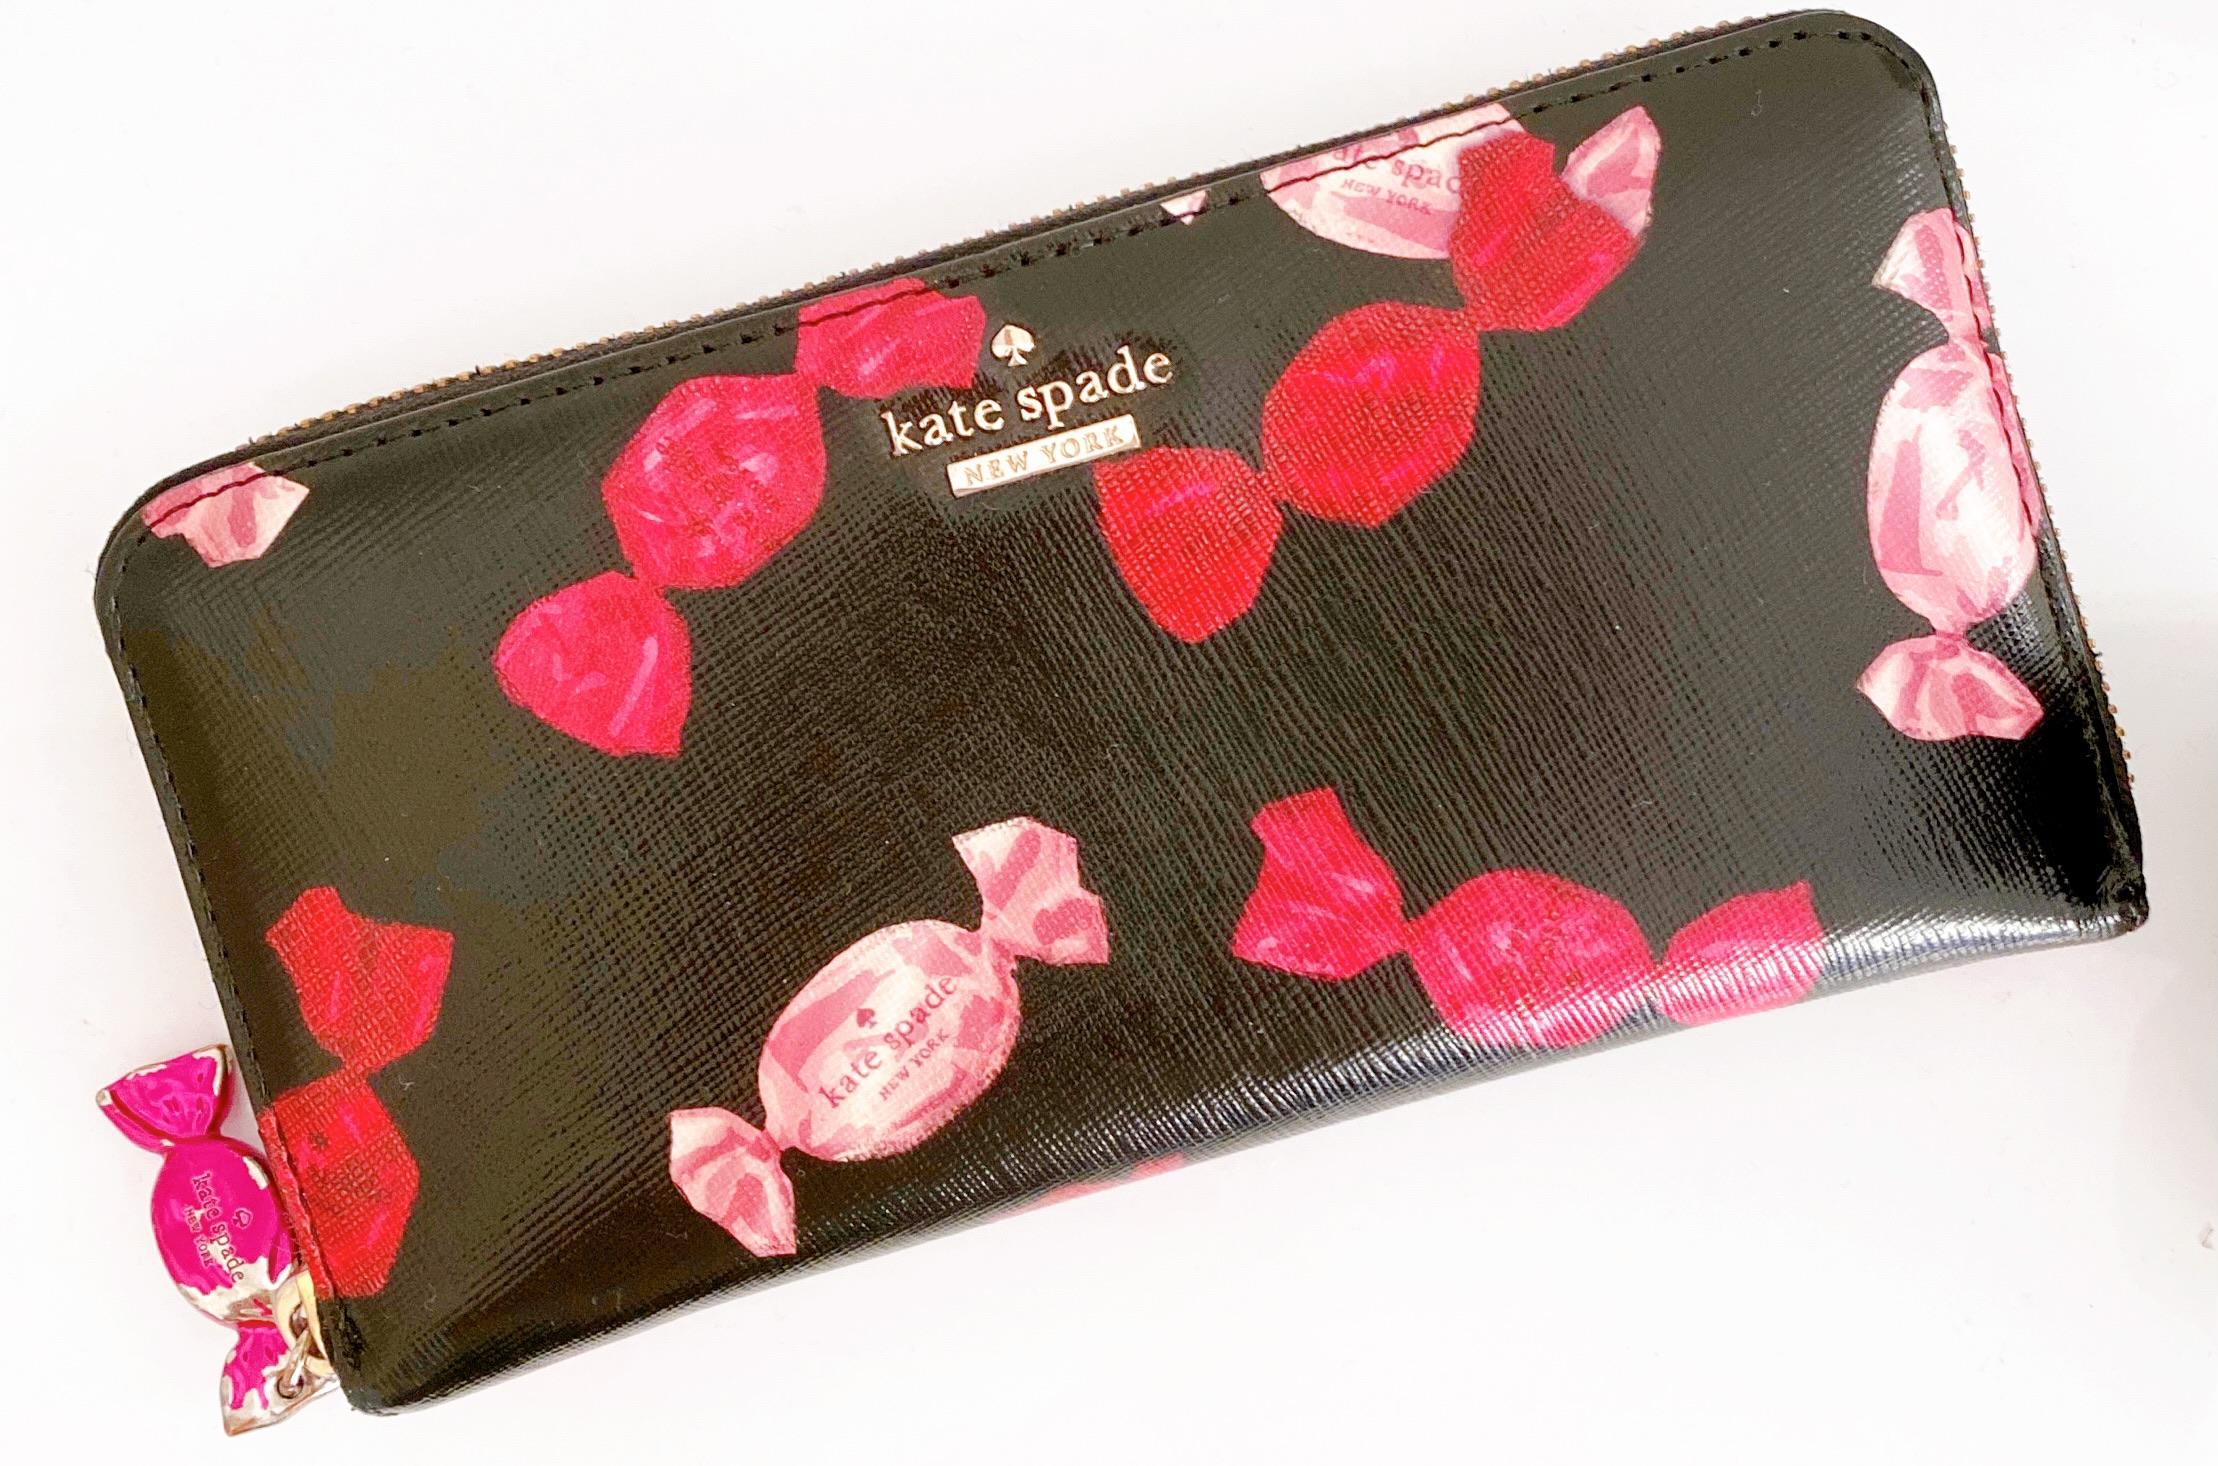 【20代女子の愛用財布】ミニ財布とおそろで持ちたい!イヴ・サンローラン_4